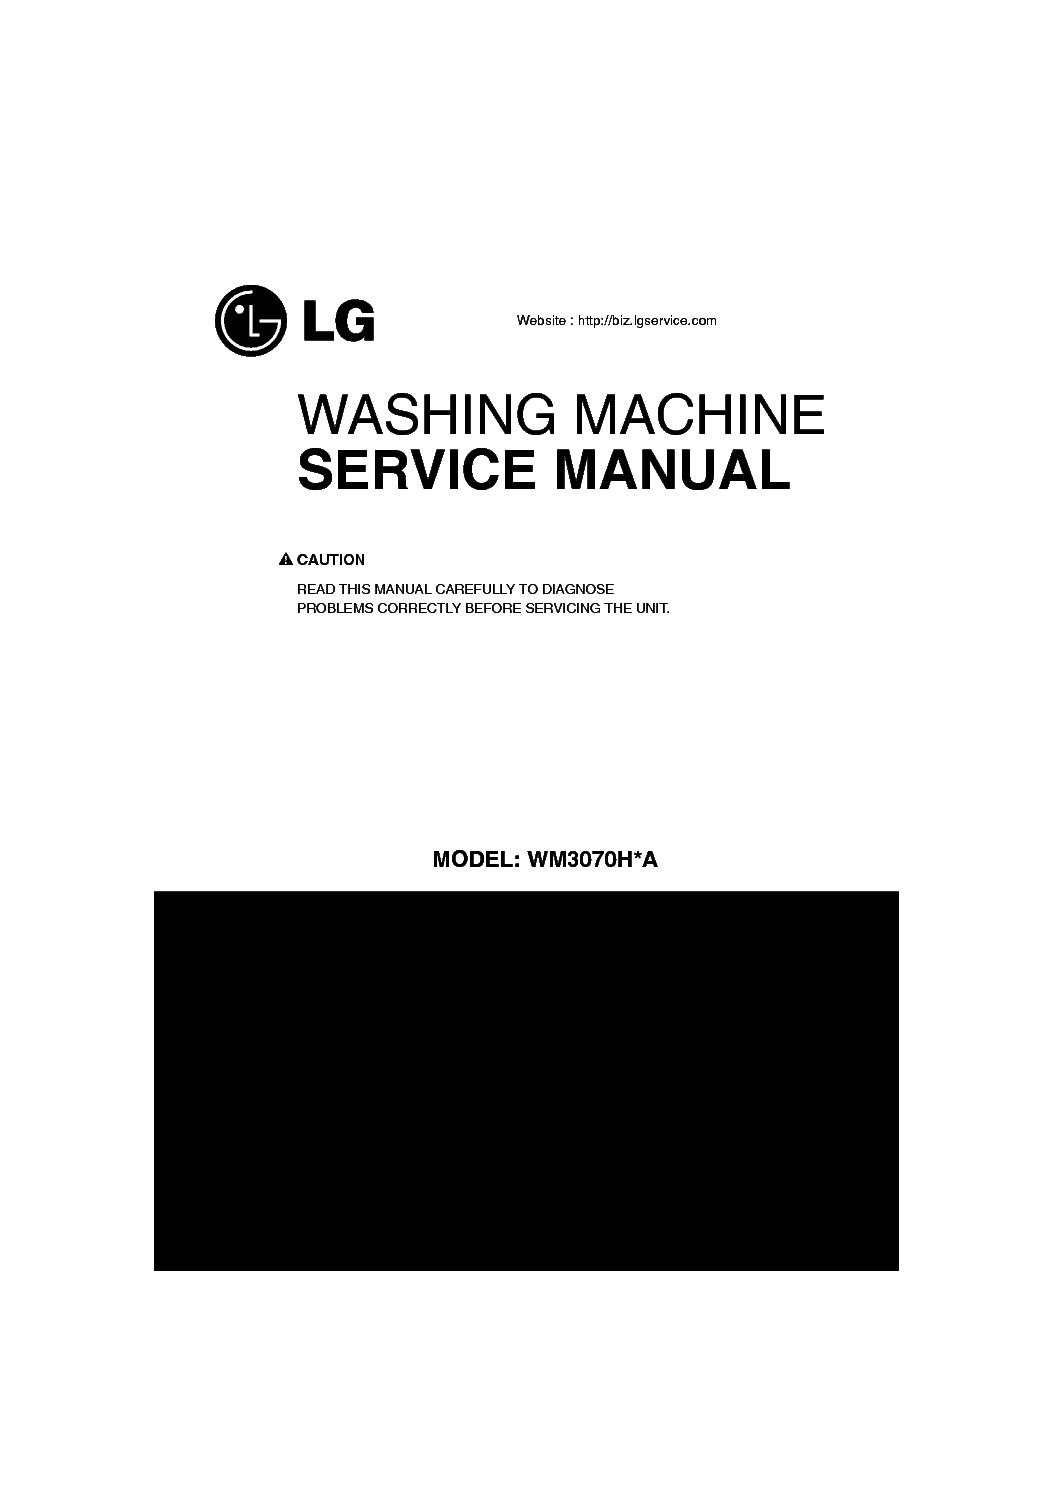 lg washing machine service manual download